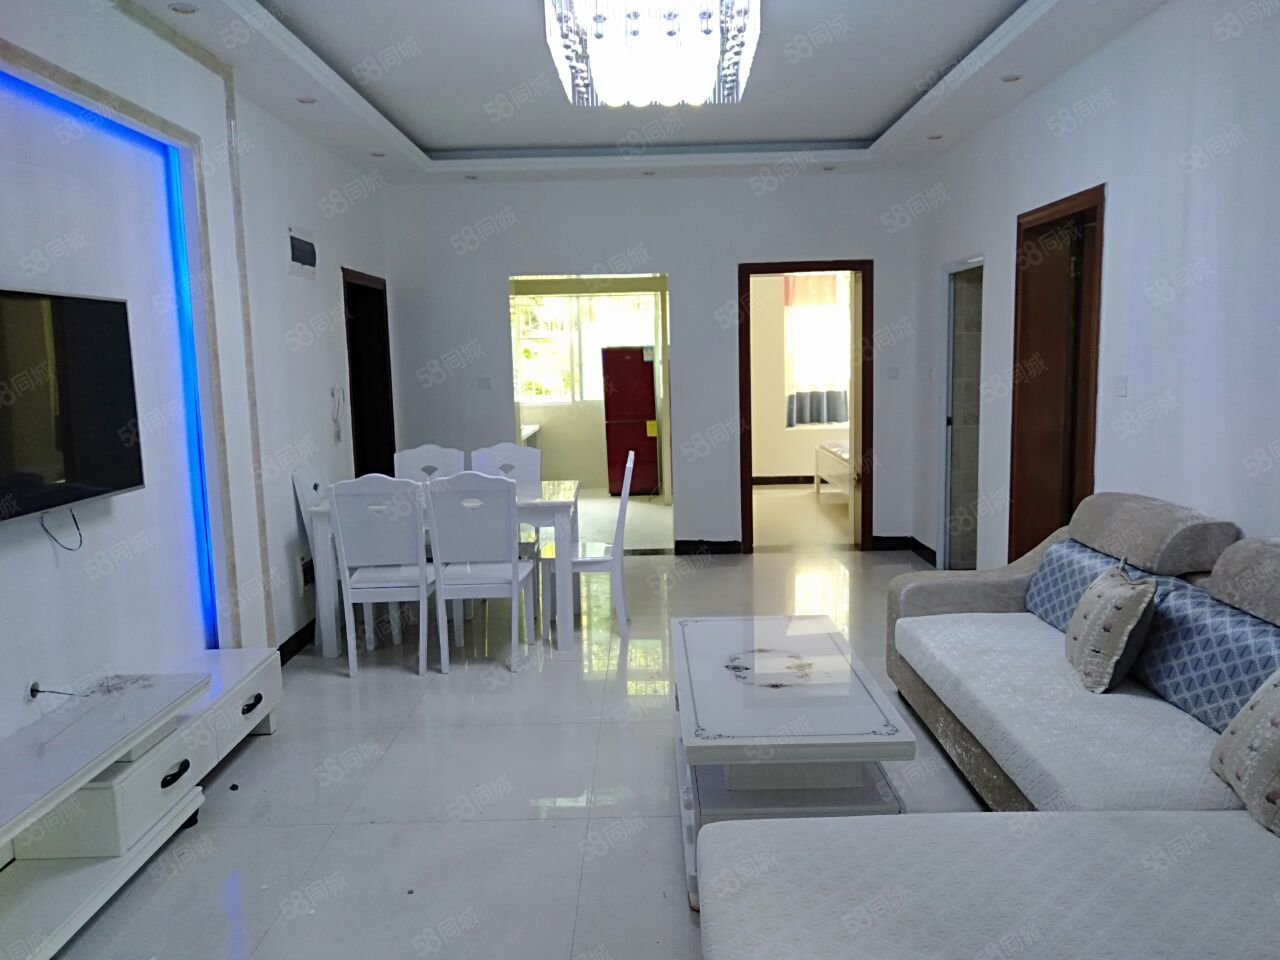 世纪苑1楼地面抬高1米2室2厅73平米精装修家具电器齐全